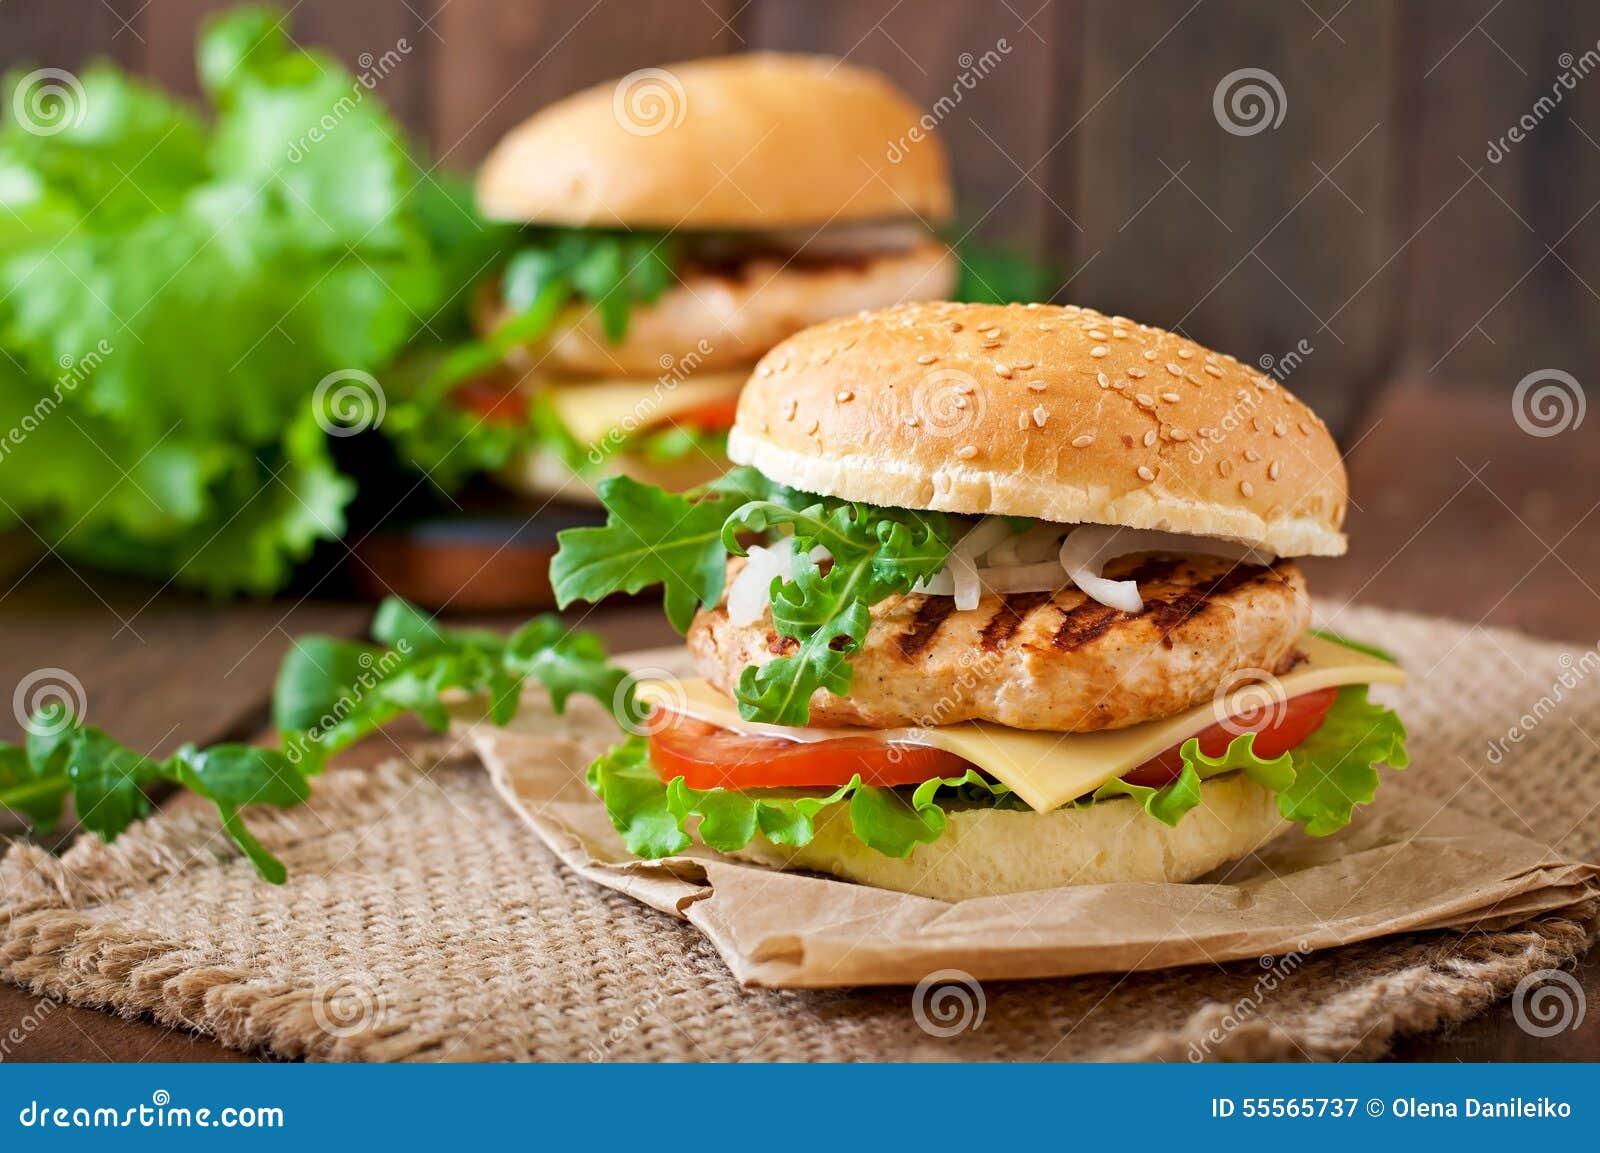 Best Fast Food Chicken Sandwich Calories